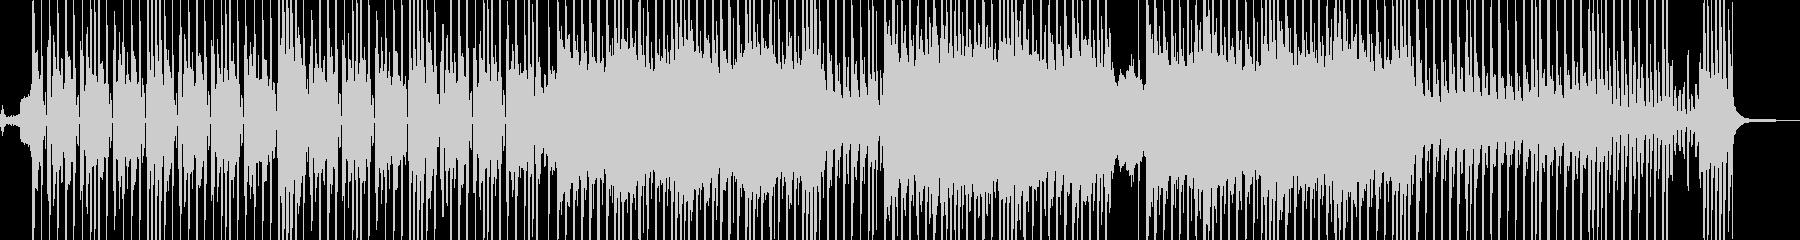 ビターエンドテーマのスロウテクノ 短尺★の未再生の波形